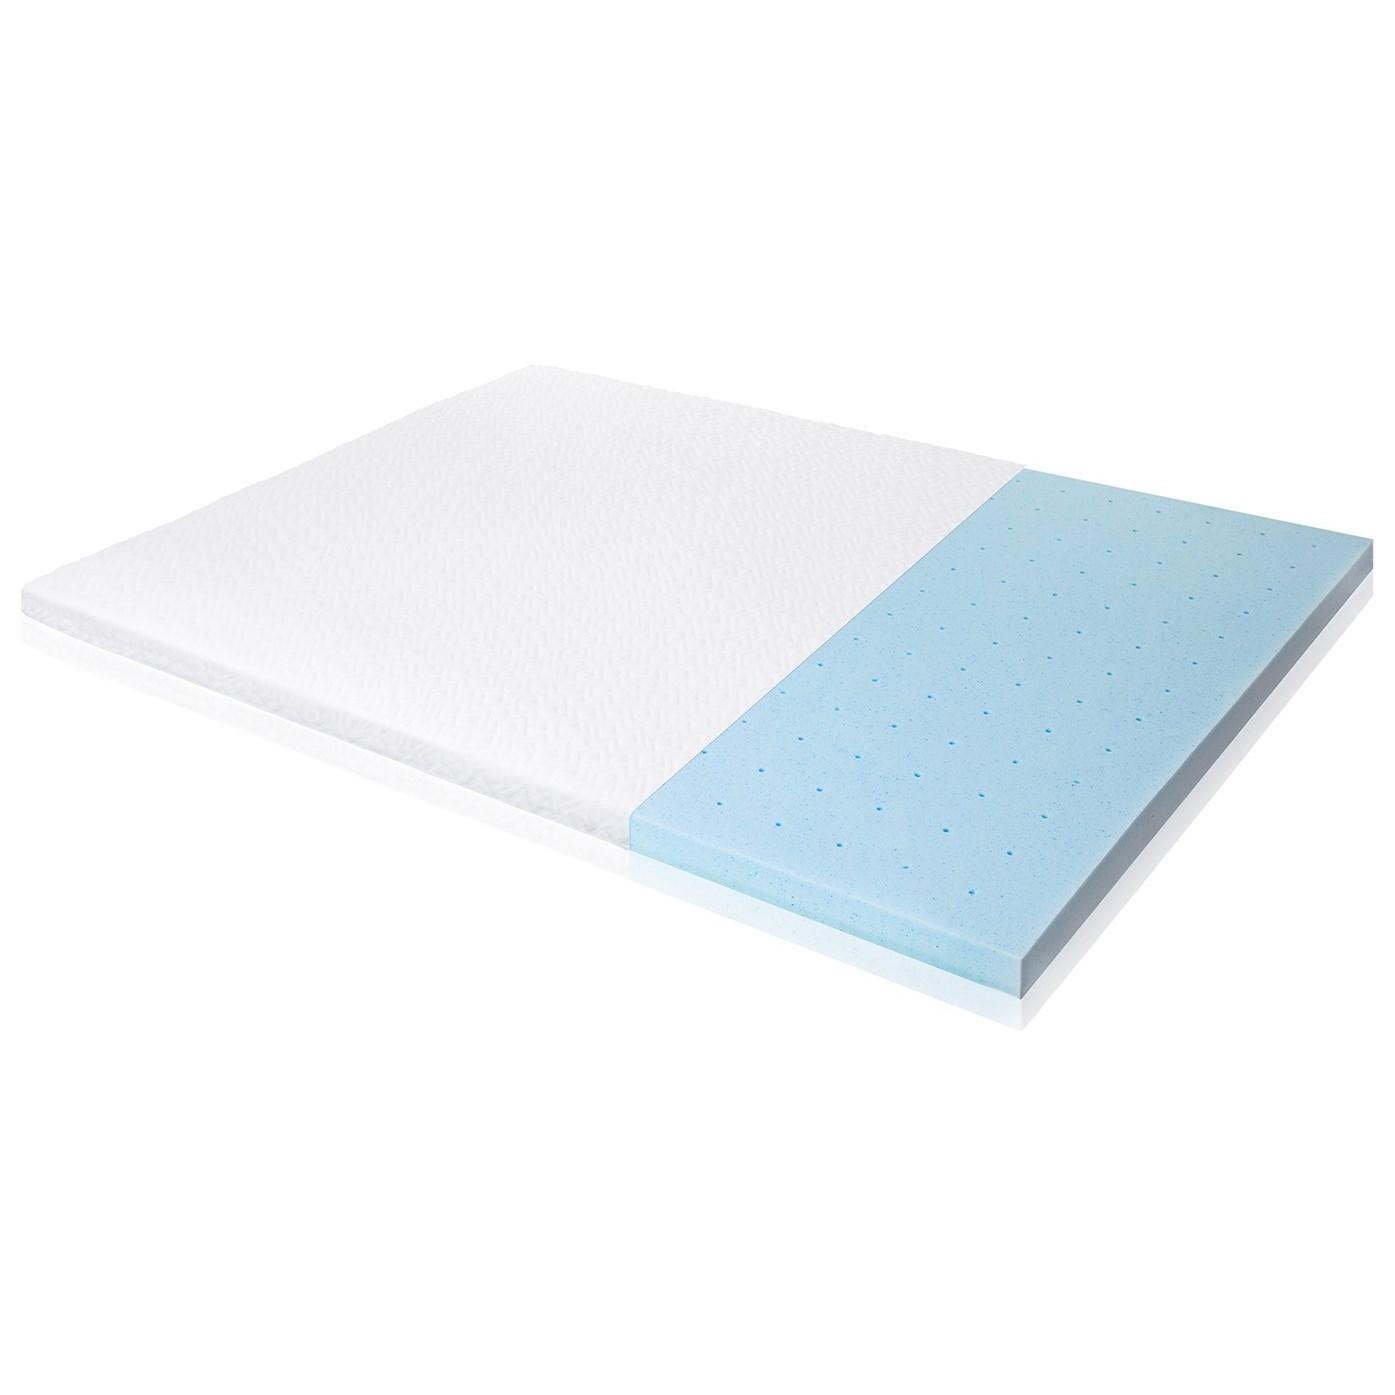 """Malouf Gel Memory Foam Twin XL 2.5"""" Gel Memory Foam Mattress Topper - Item Number: IS25TX45GT"""